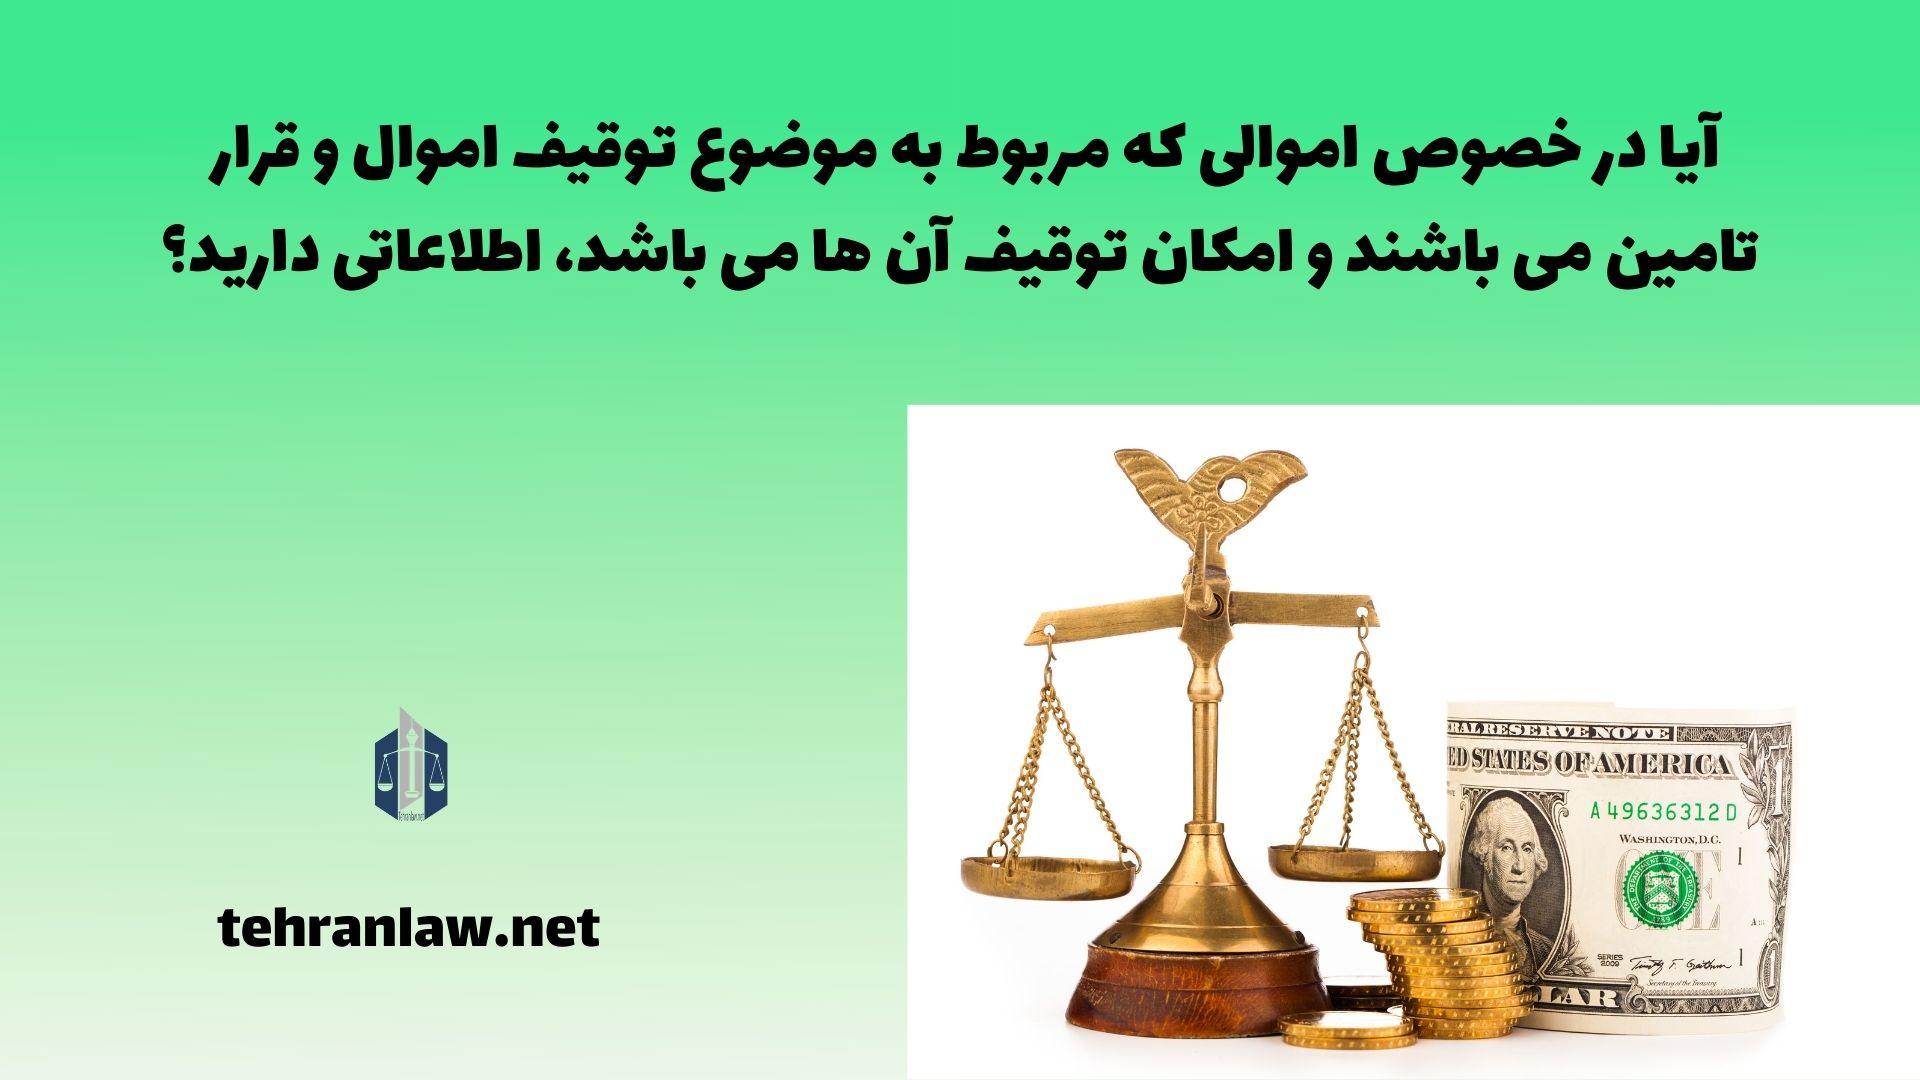 آیا در خصوص اموالی که مربوط به موضوع توقیف اموال و قرار تامین می باشند و امکان توقیف آن ها می باشد، اطلاعاتی دارید؟